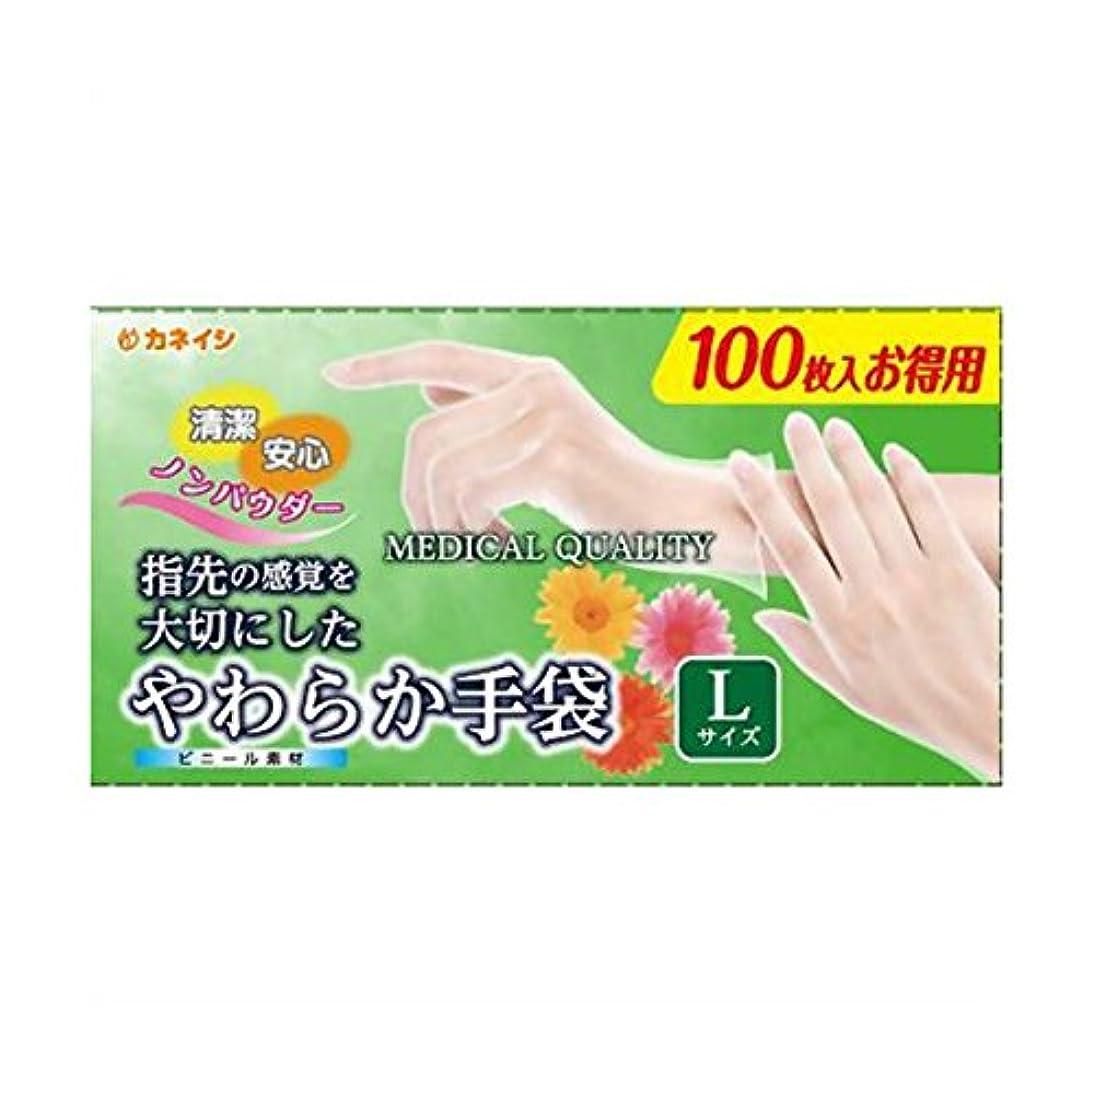 赤ちゃん吐くフラフープやわらか手袋 ビニール素材 Lサイズ 100枚入x4